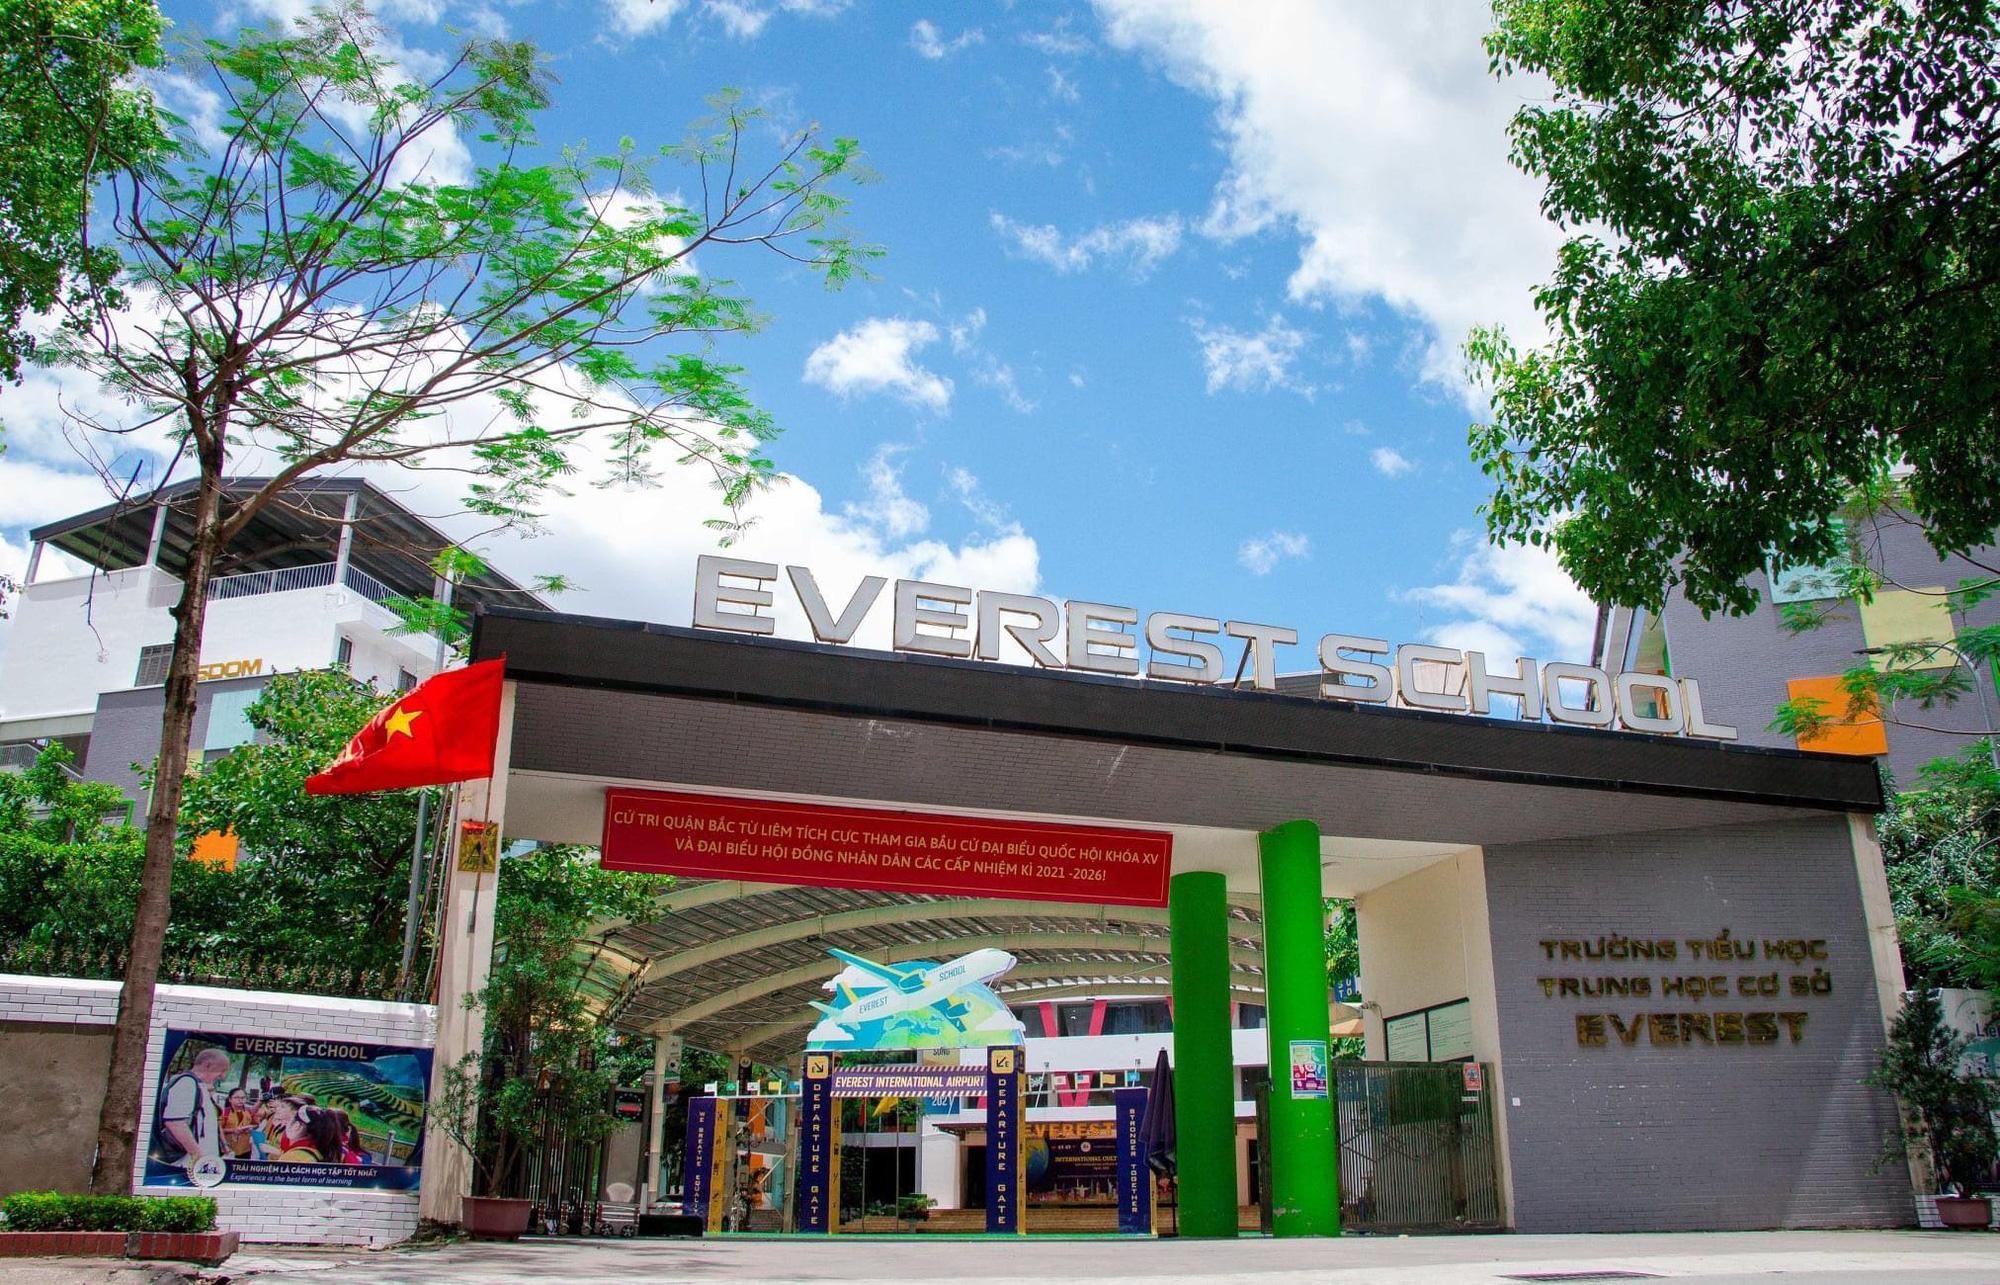 THPT Everest: Học sinh lớp 10 Hà Nội có thêm lựa chọn trường chất lượng cao - Ảnh 1.